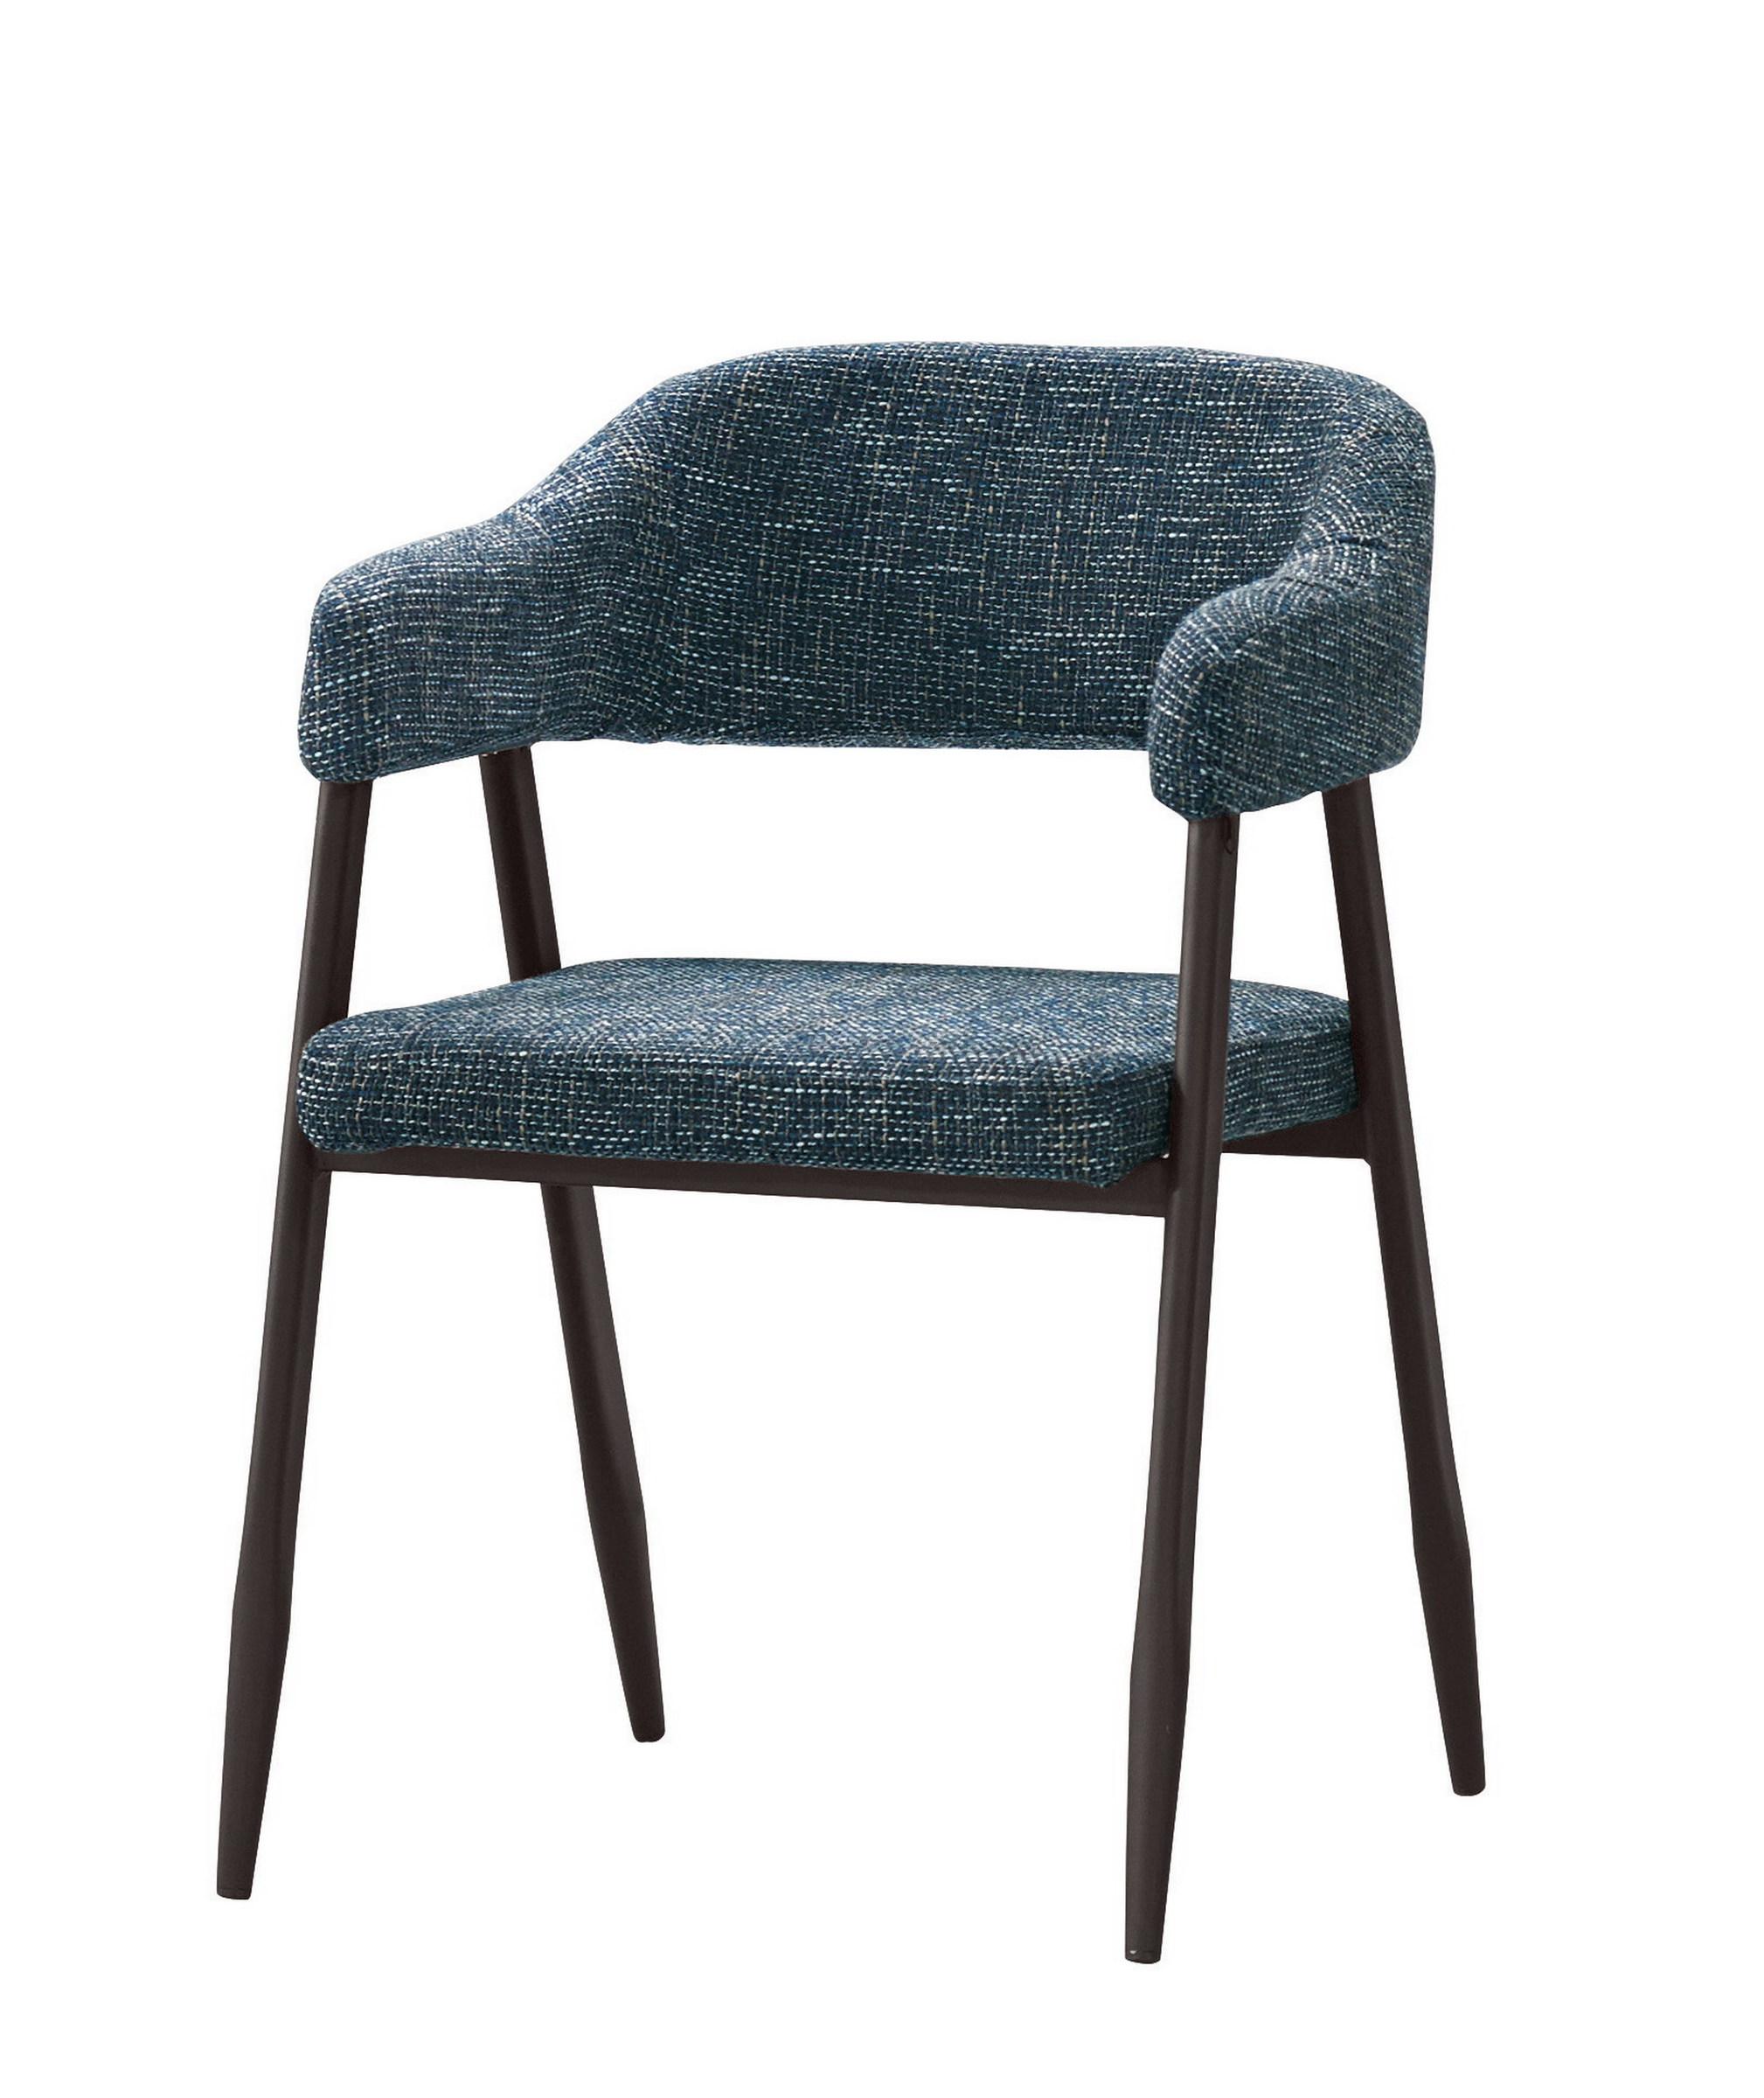 518-7 斯派克餐椅(布).jpg